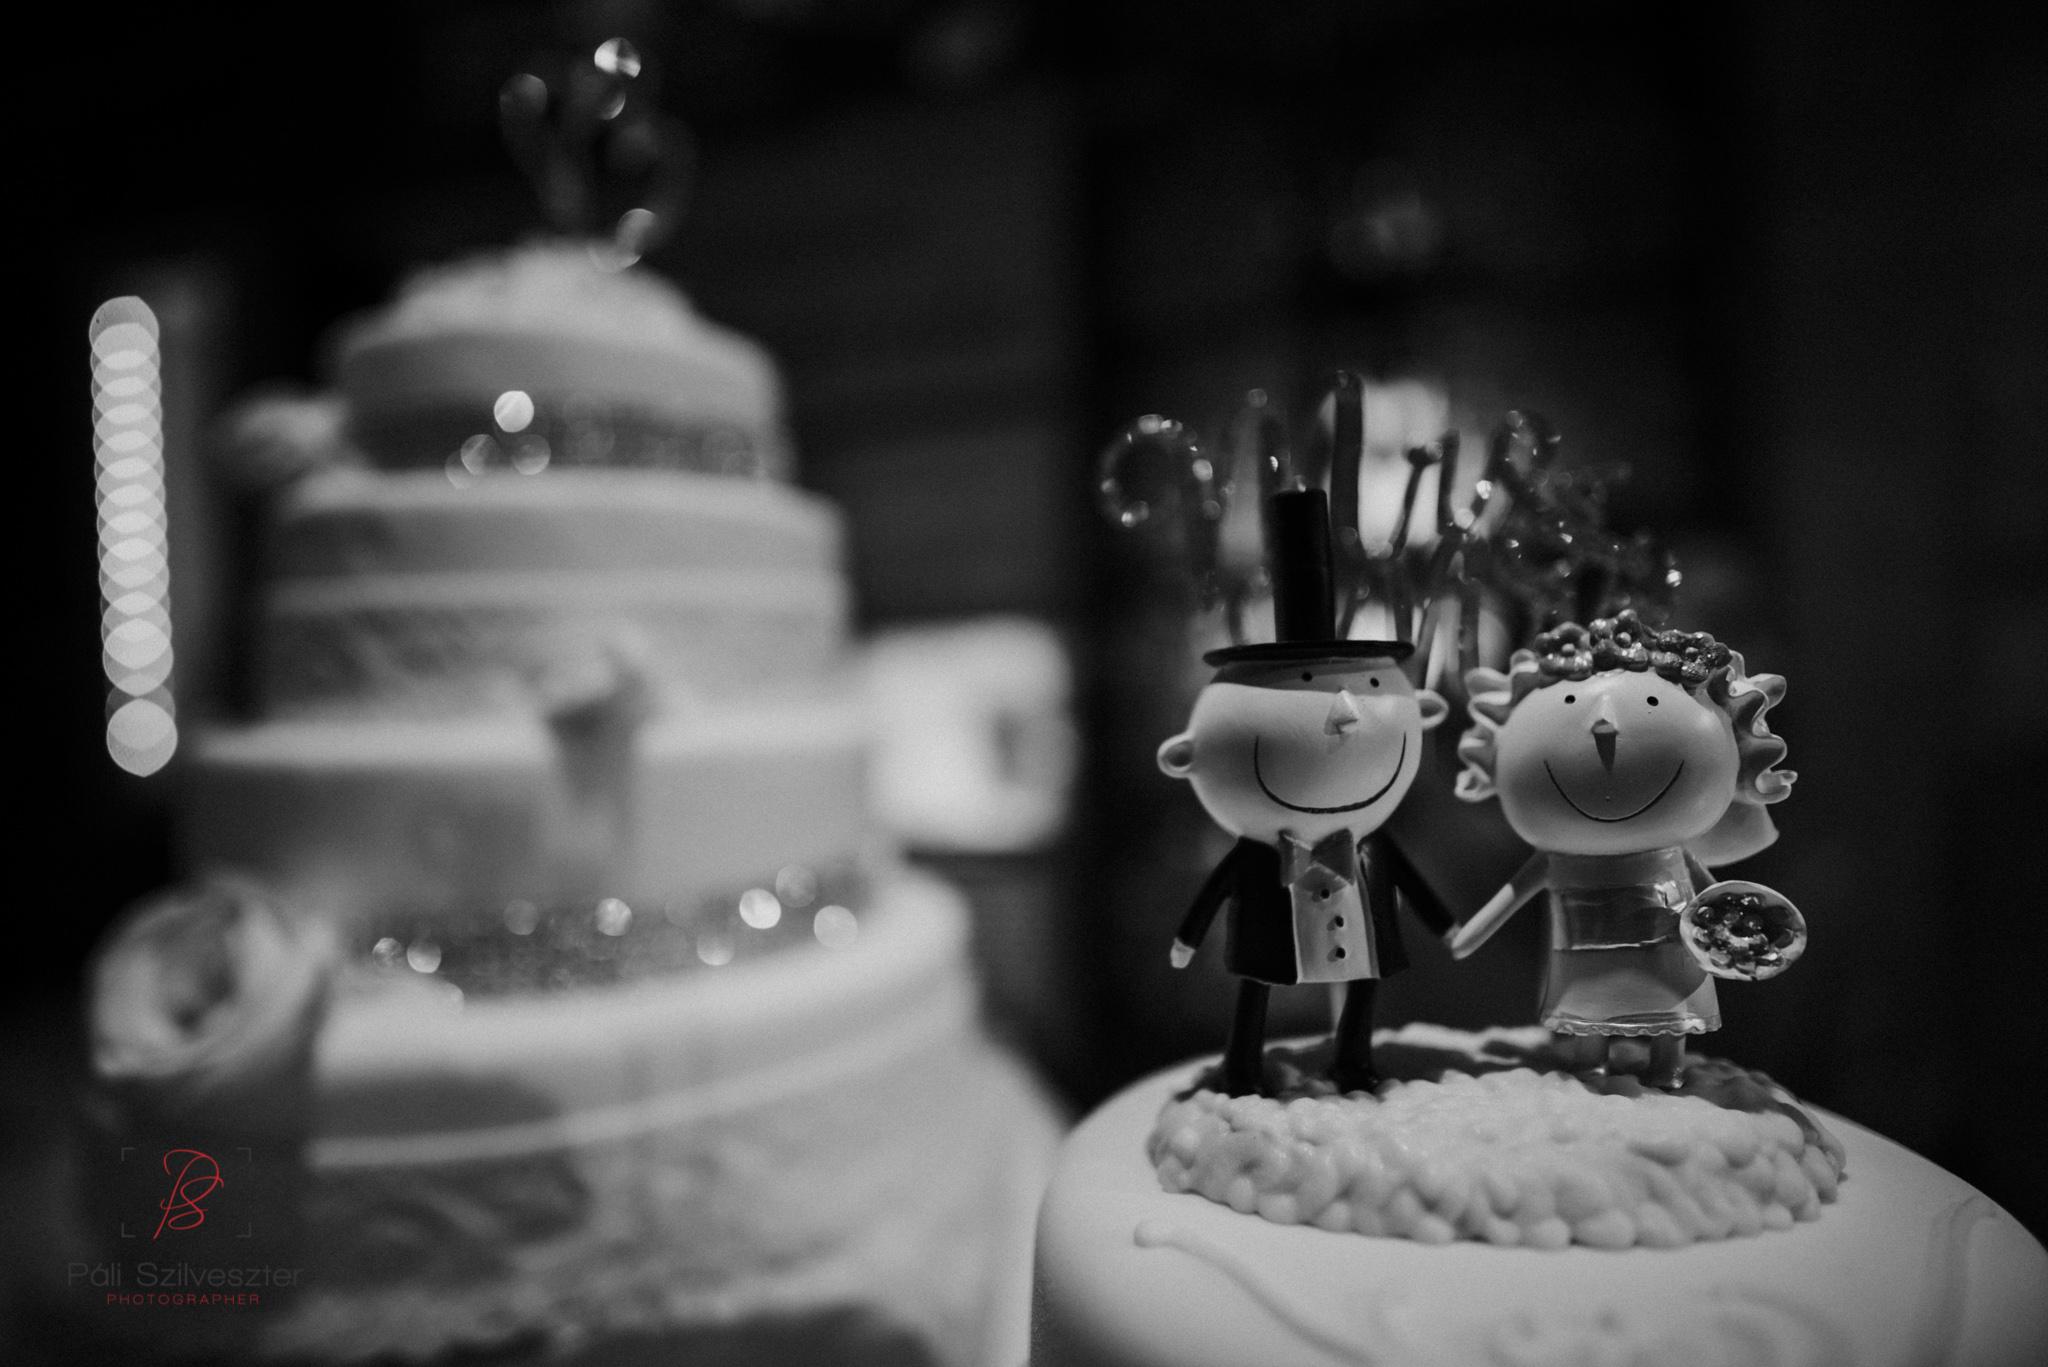 Páli-Szilveszter-székesfehérvári-esküvői-fotós-esztergom-prímás-pince-esüvőkiállítás-2016-01-23-70364.jpg